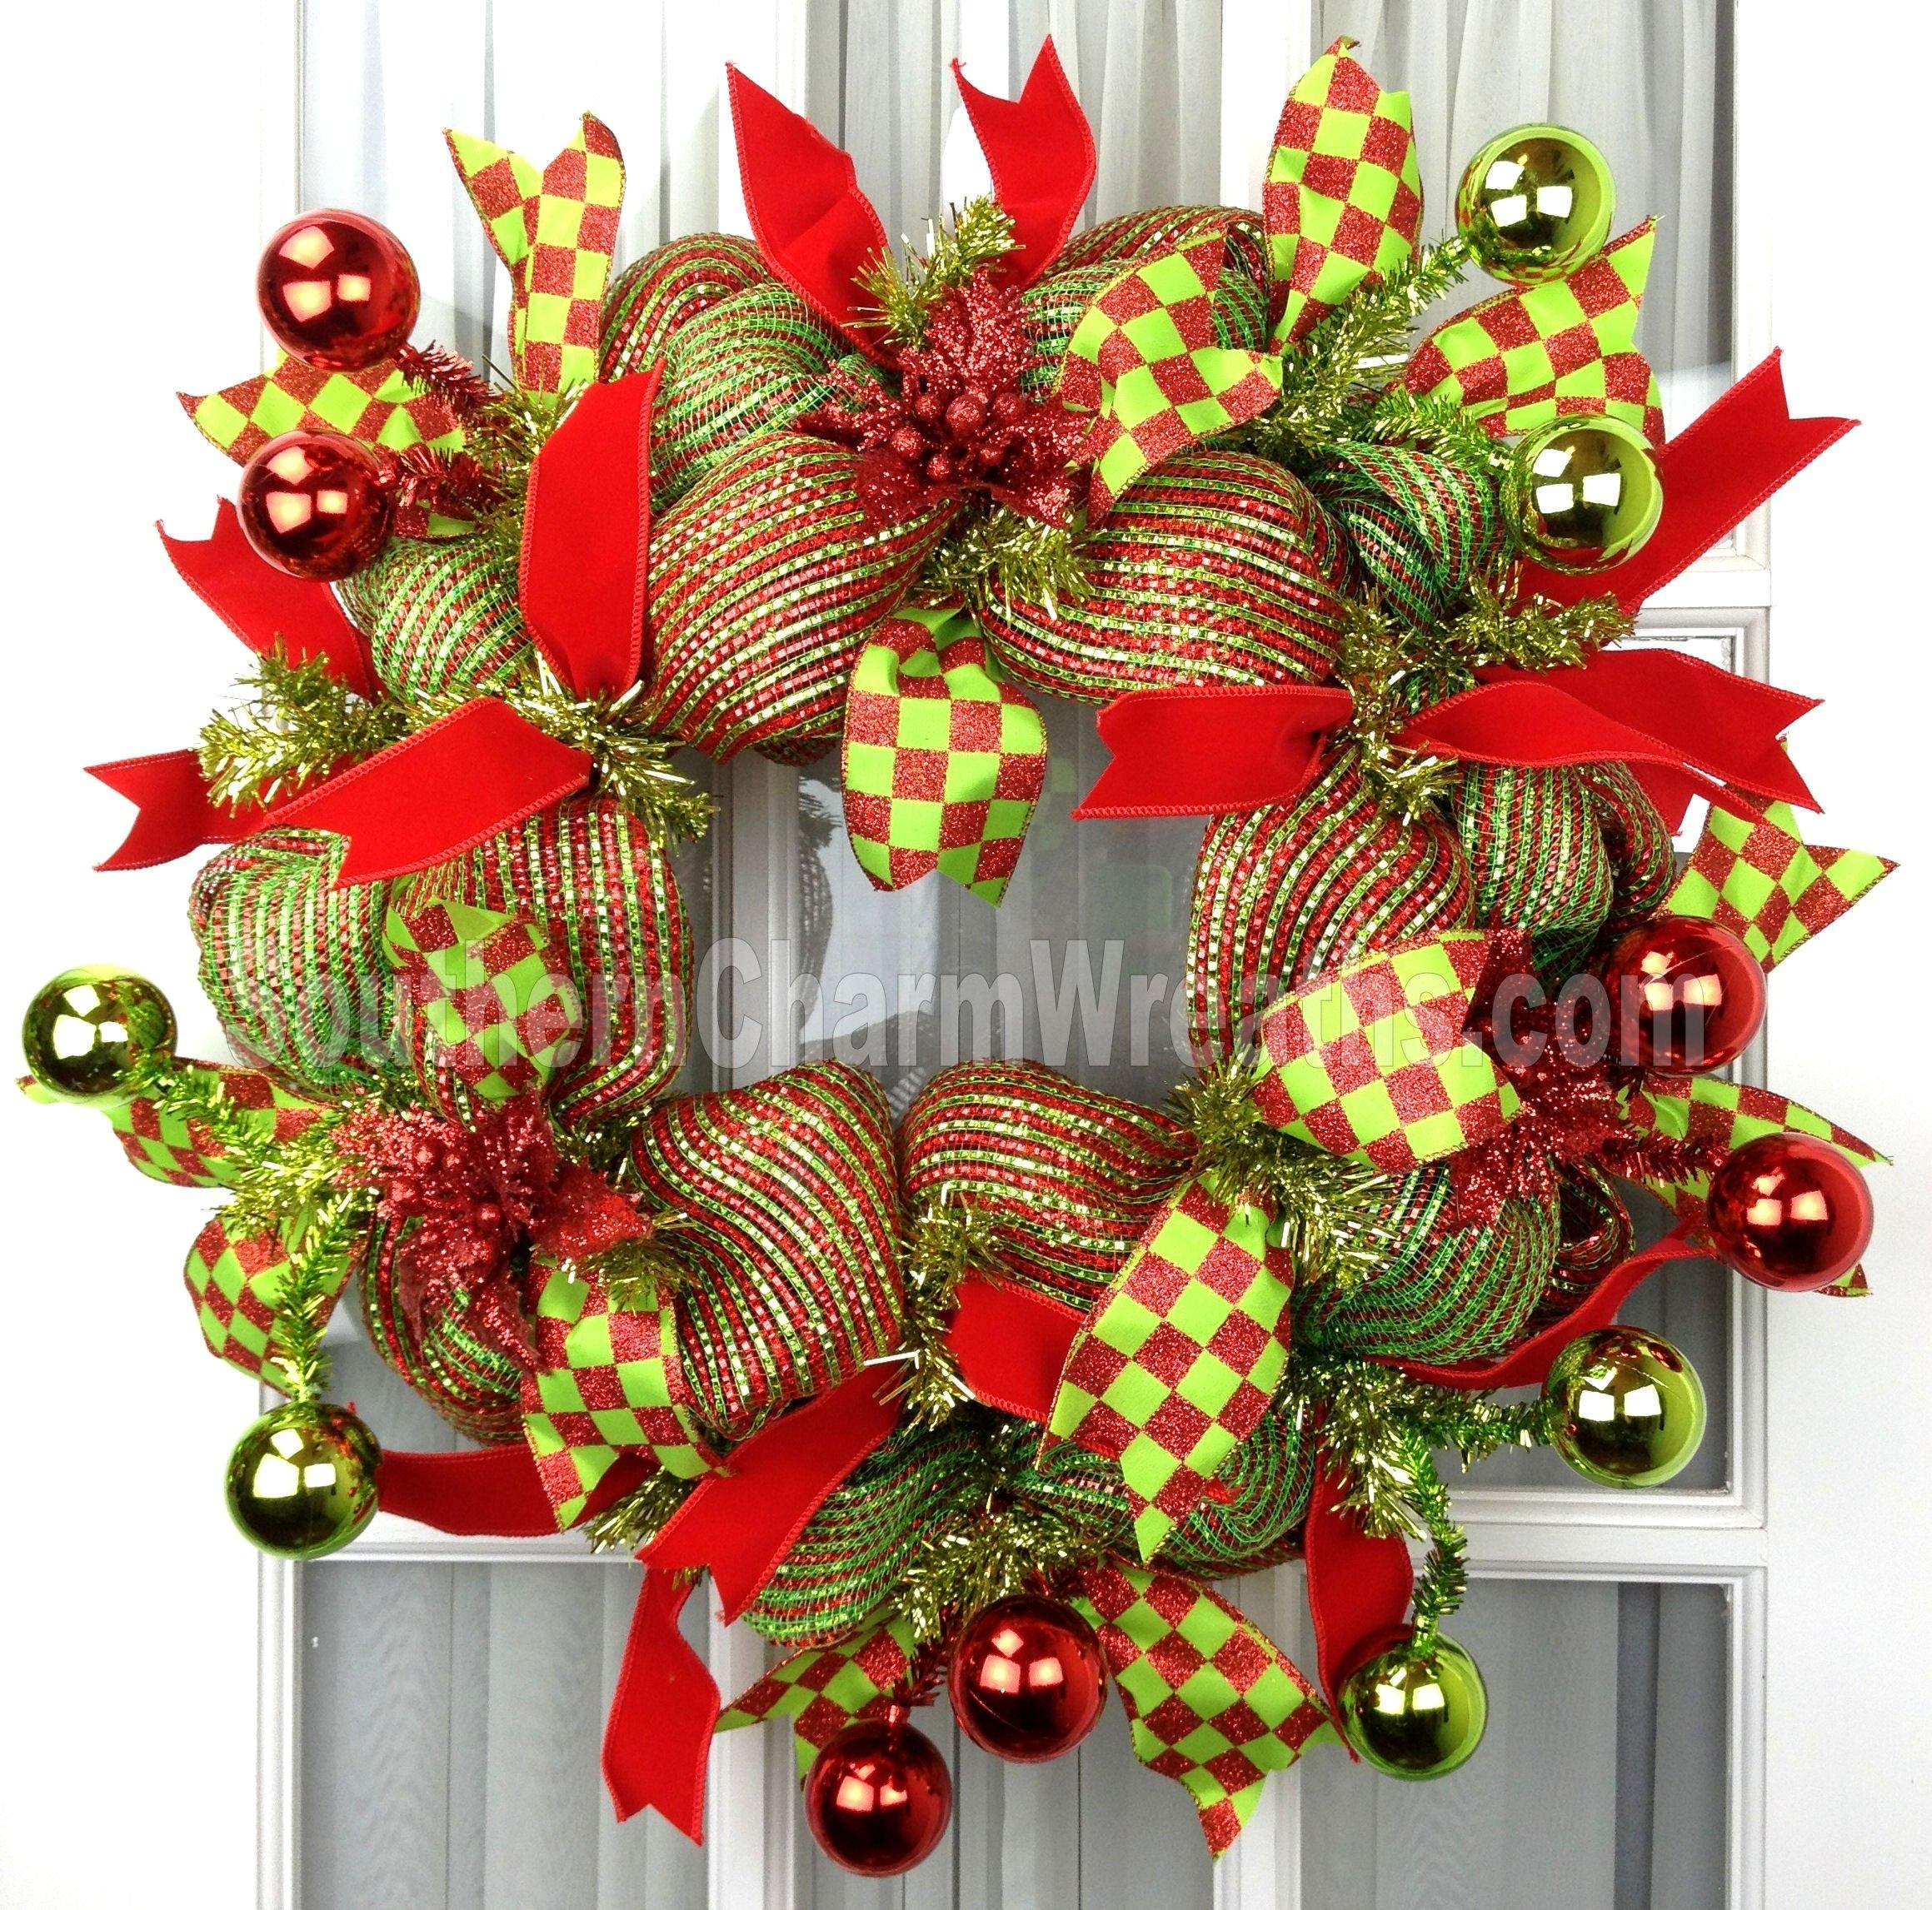 10 Lovely Christmas Deco Mesh Wreath Ideas holiday deco mesh wreaths southern charm wreaths 2020